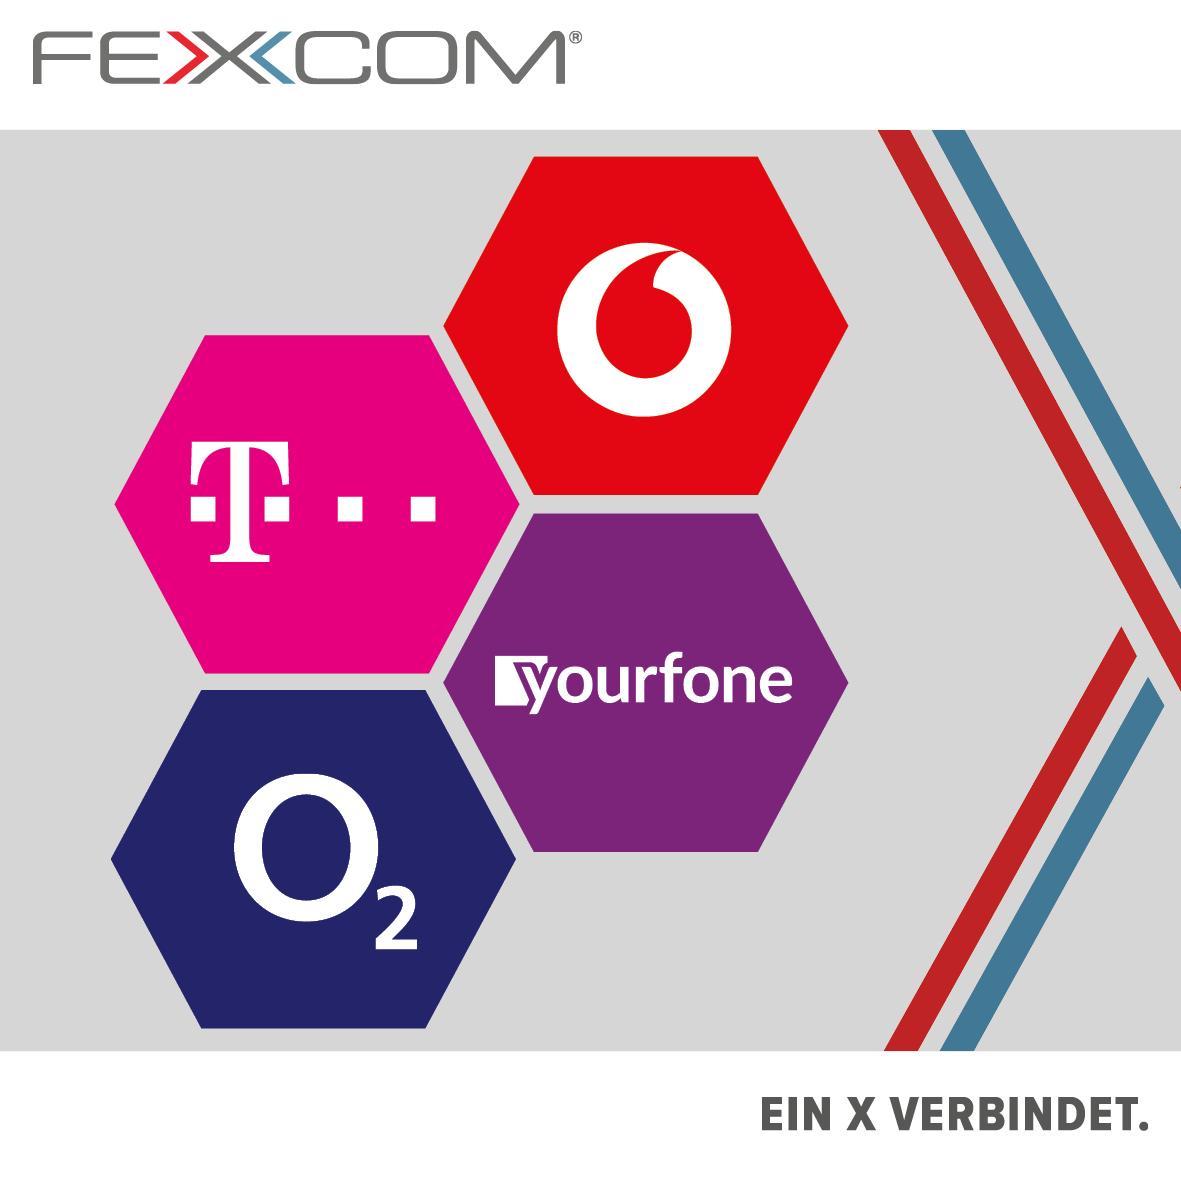 Mobilfunkshop FEXCOM Heilbronn